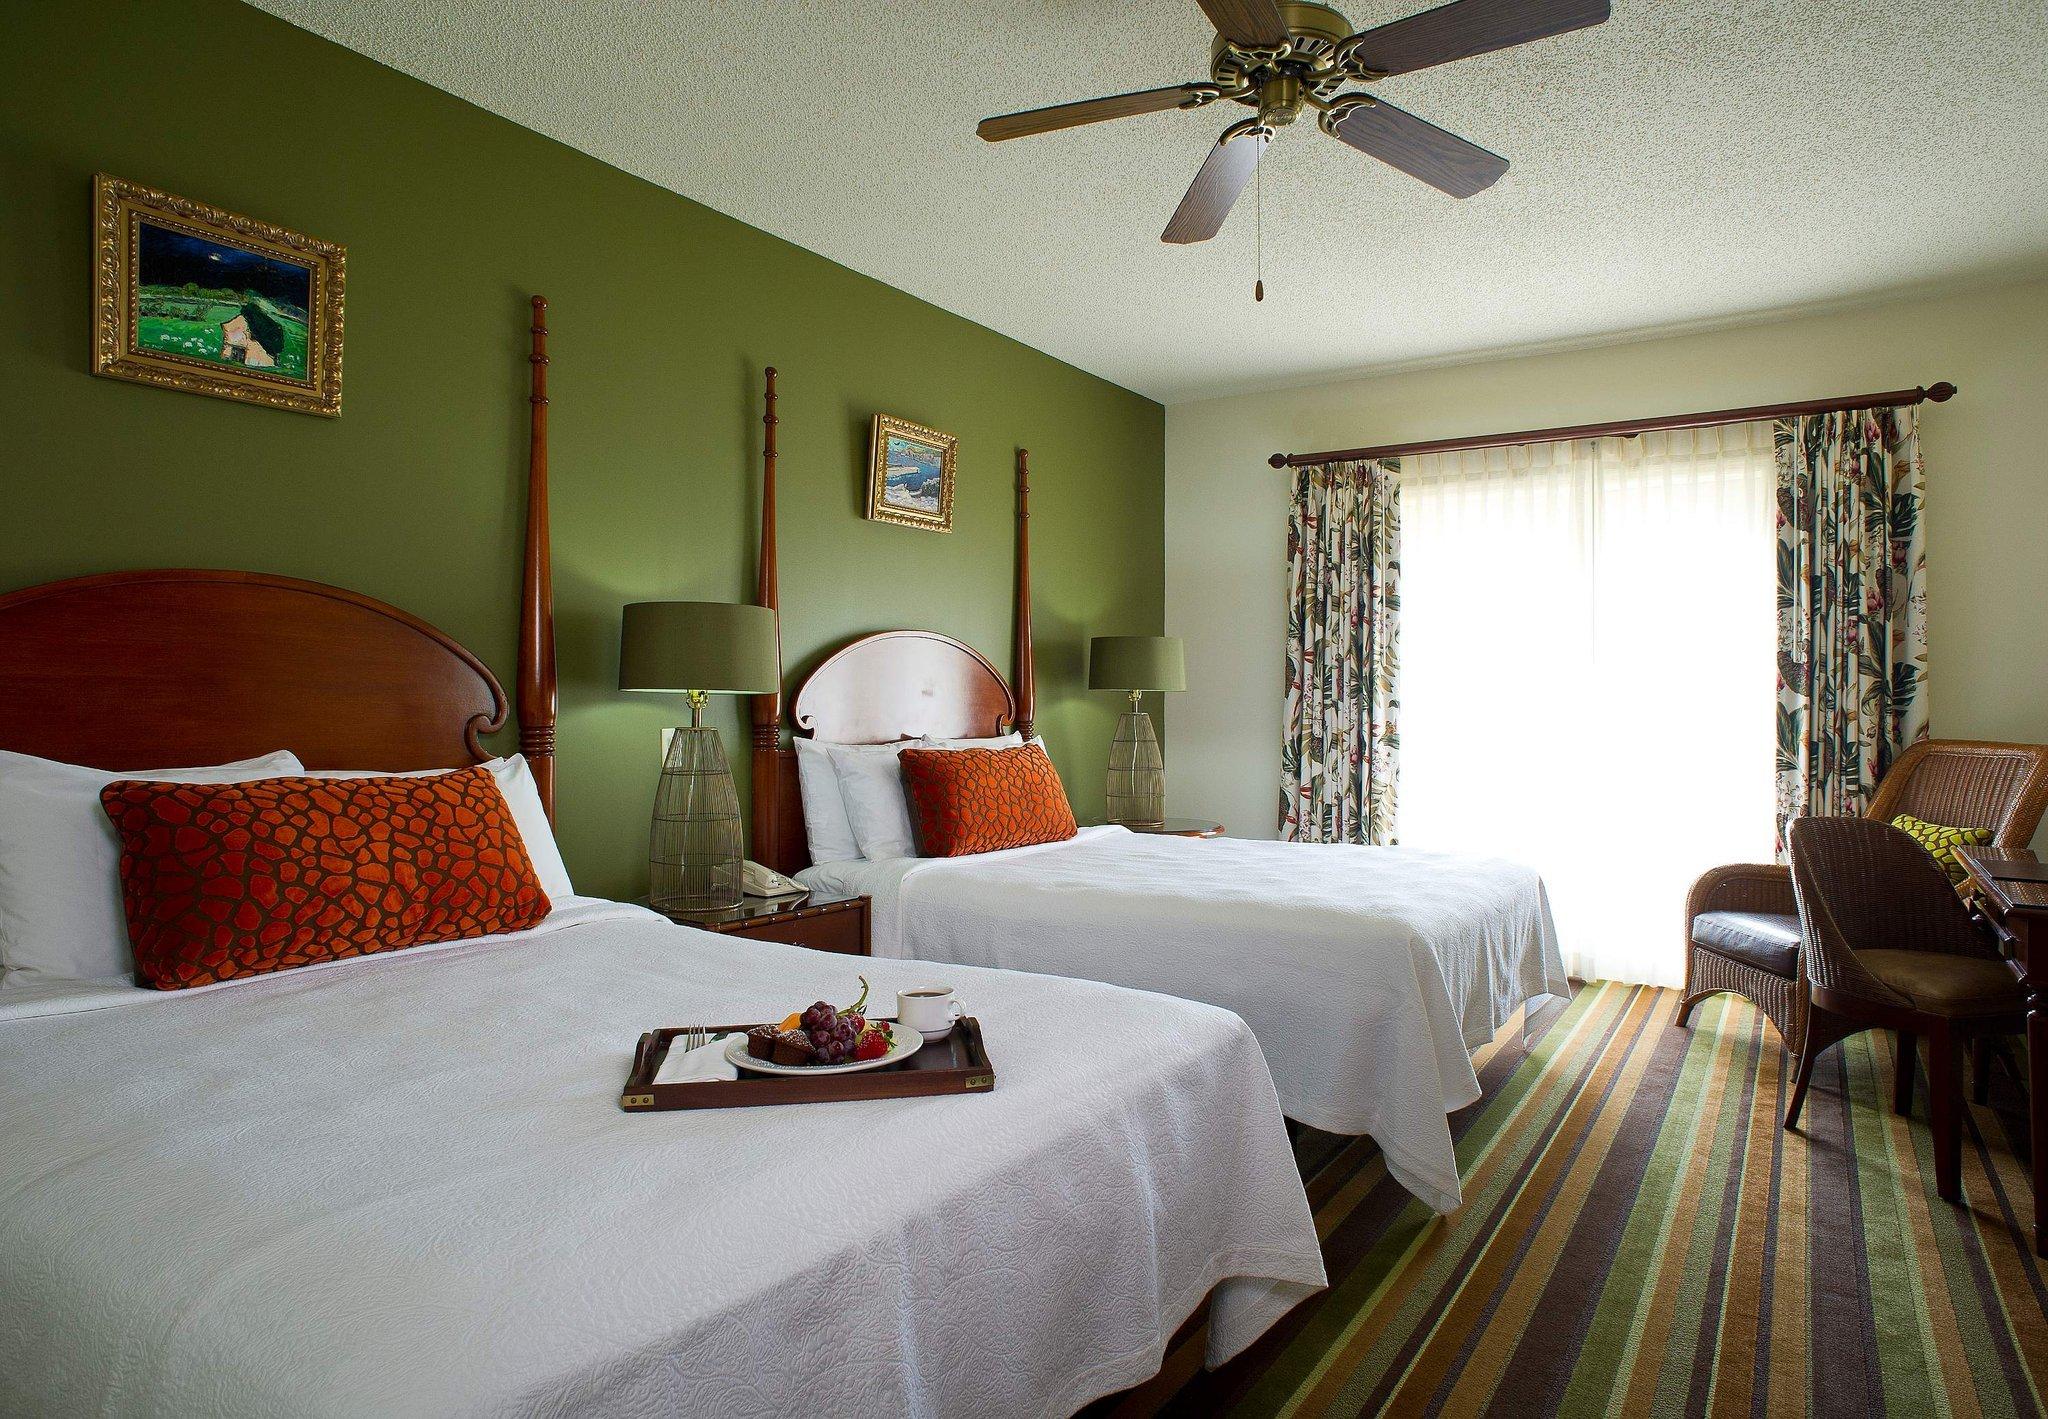 セレブレーション ホテル - ア ケッスラー ホテル